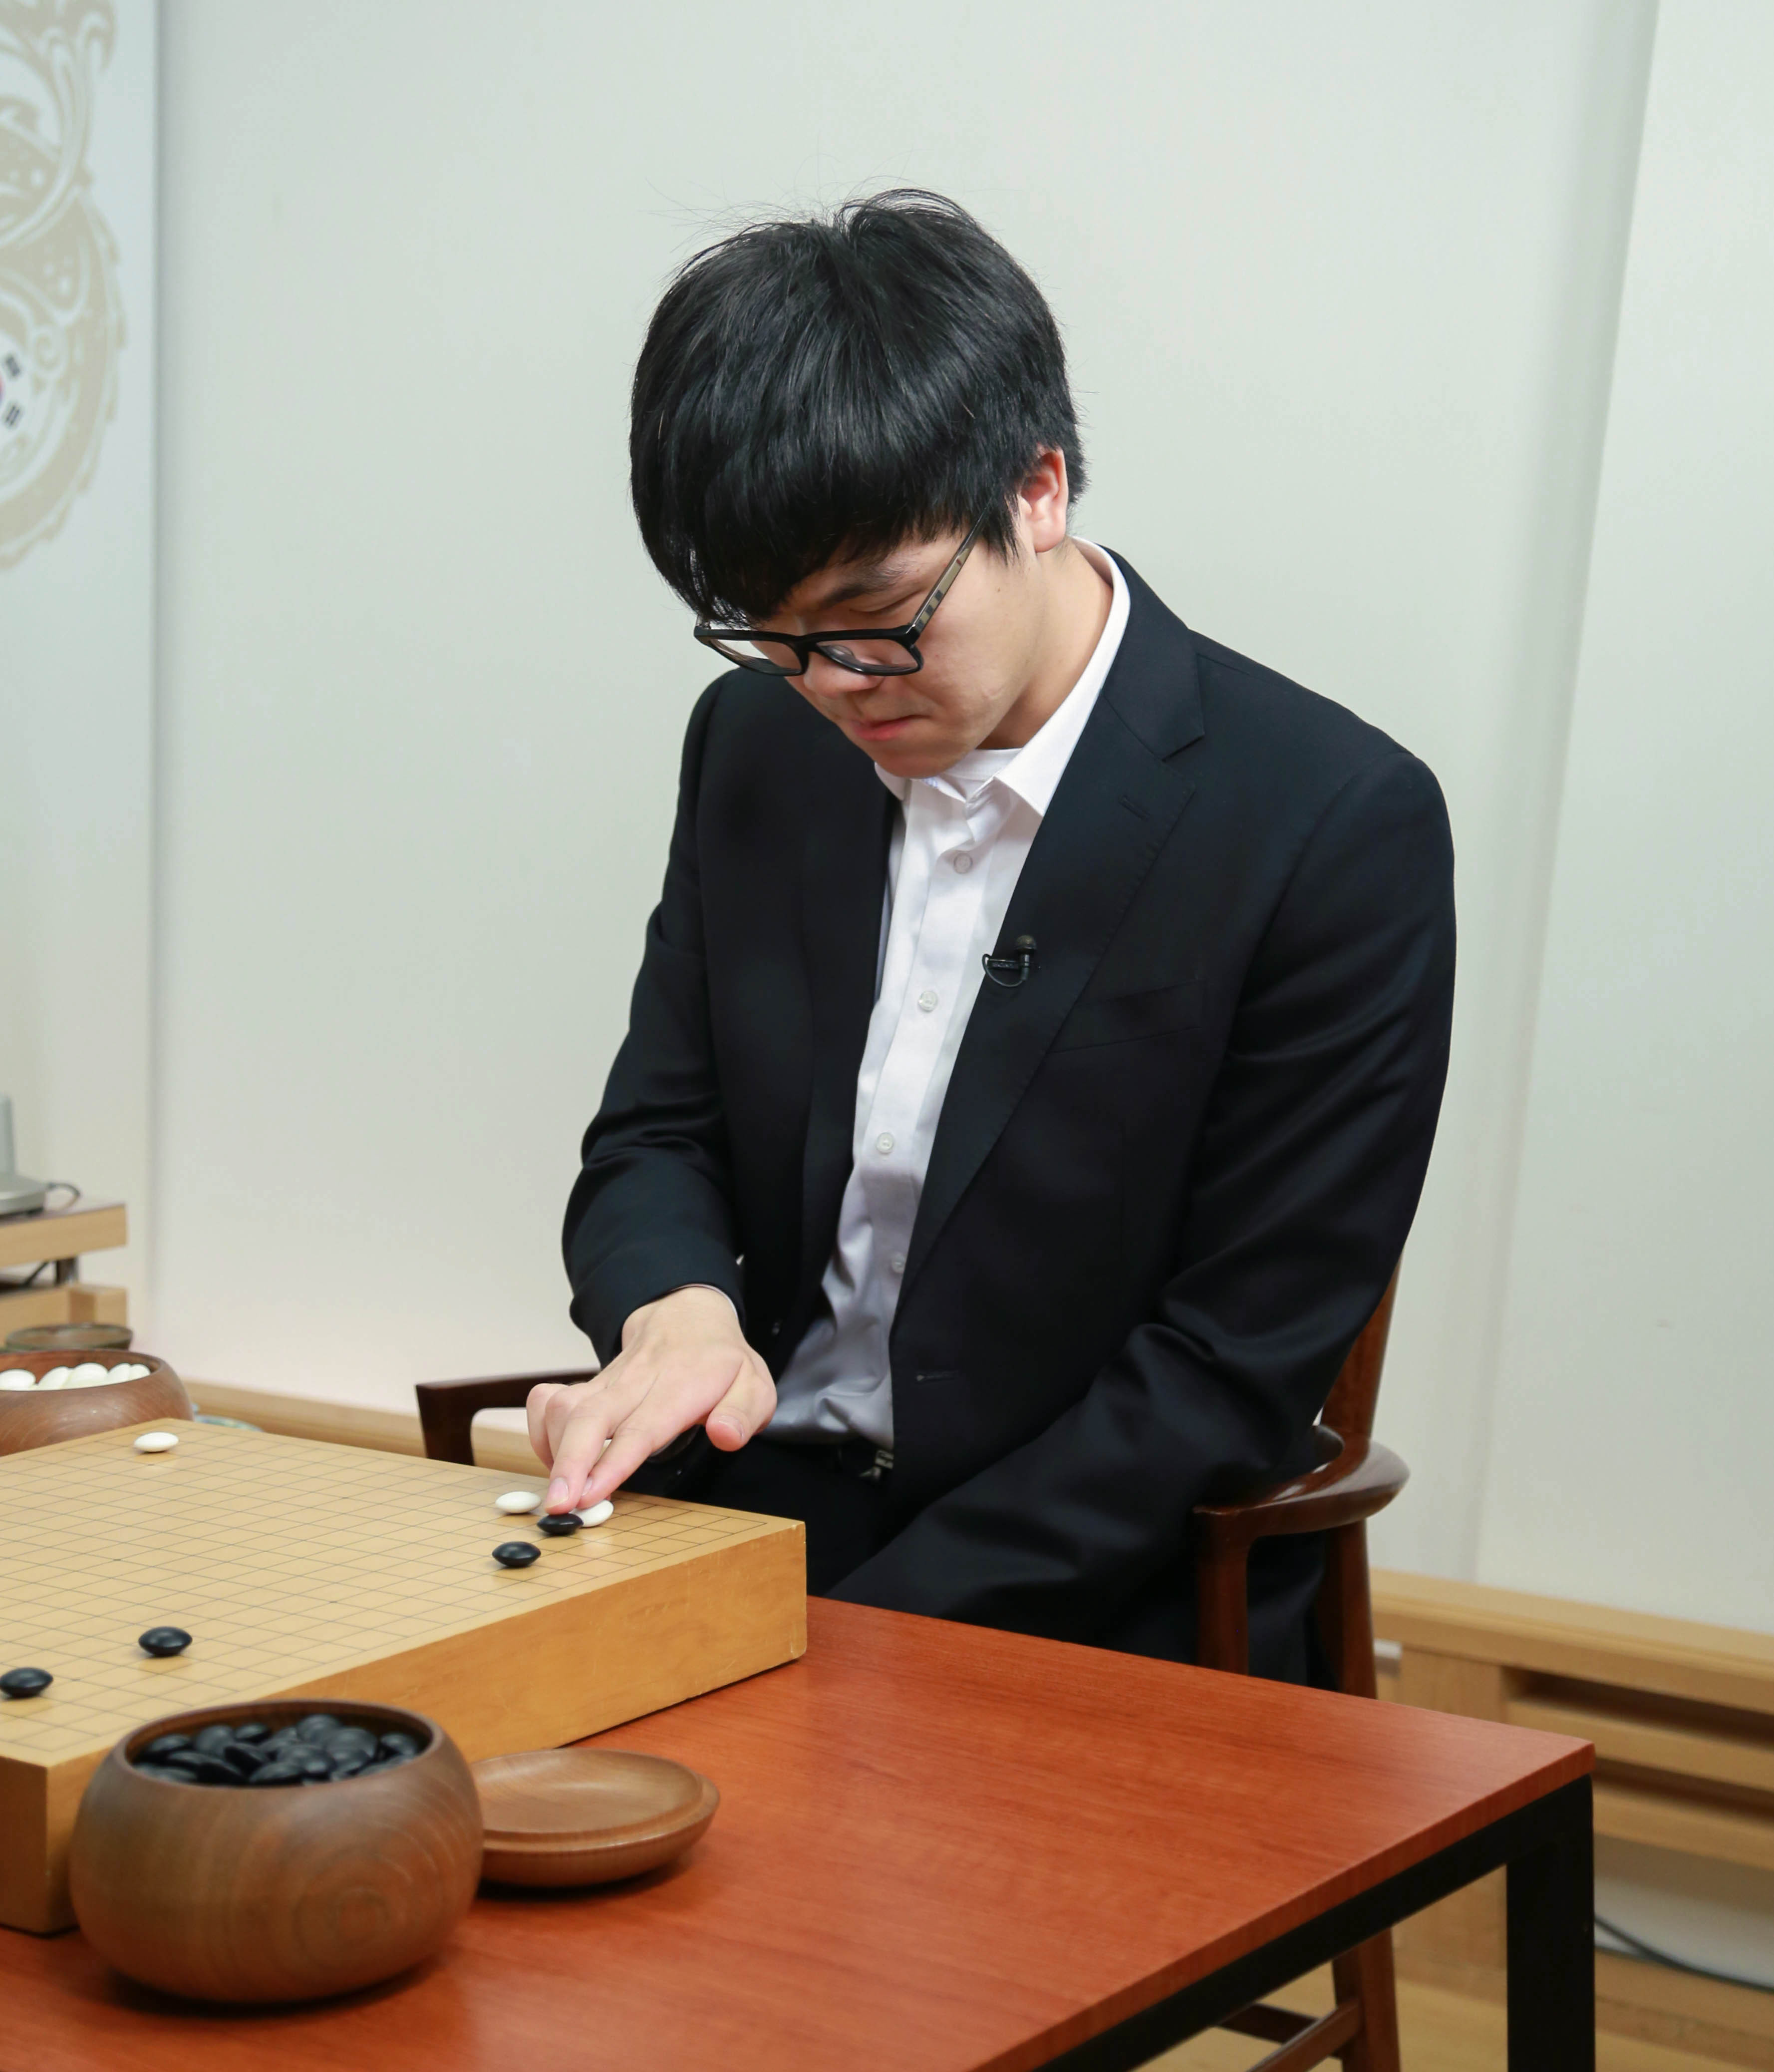 柯洁夺冠什么情况 第一届中日韩龙星战决赛柯洁夺冠